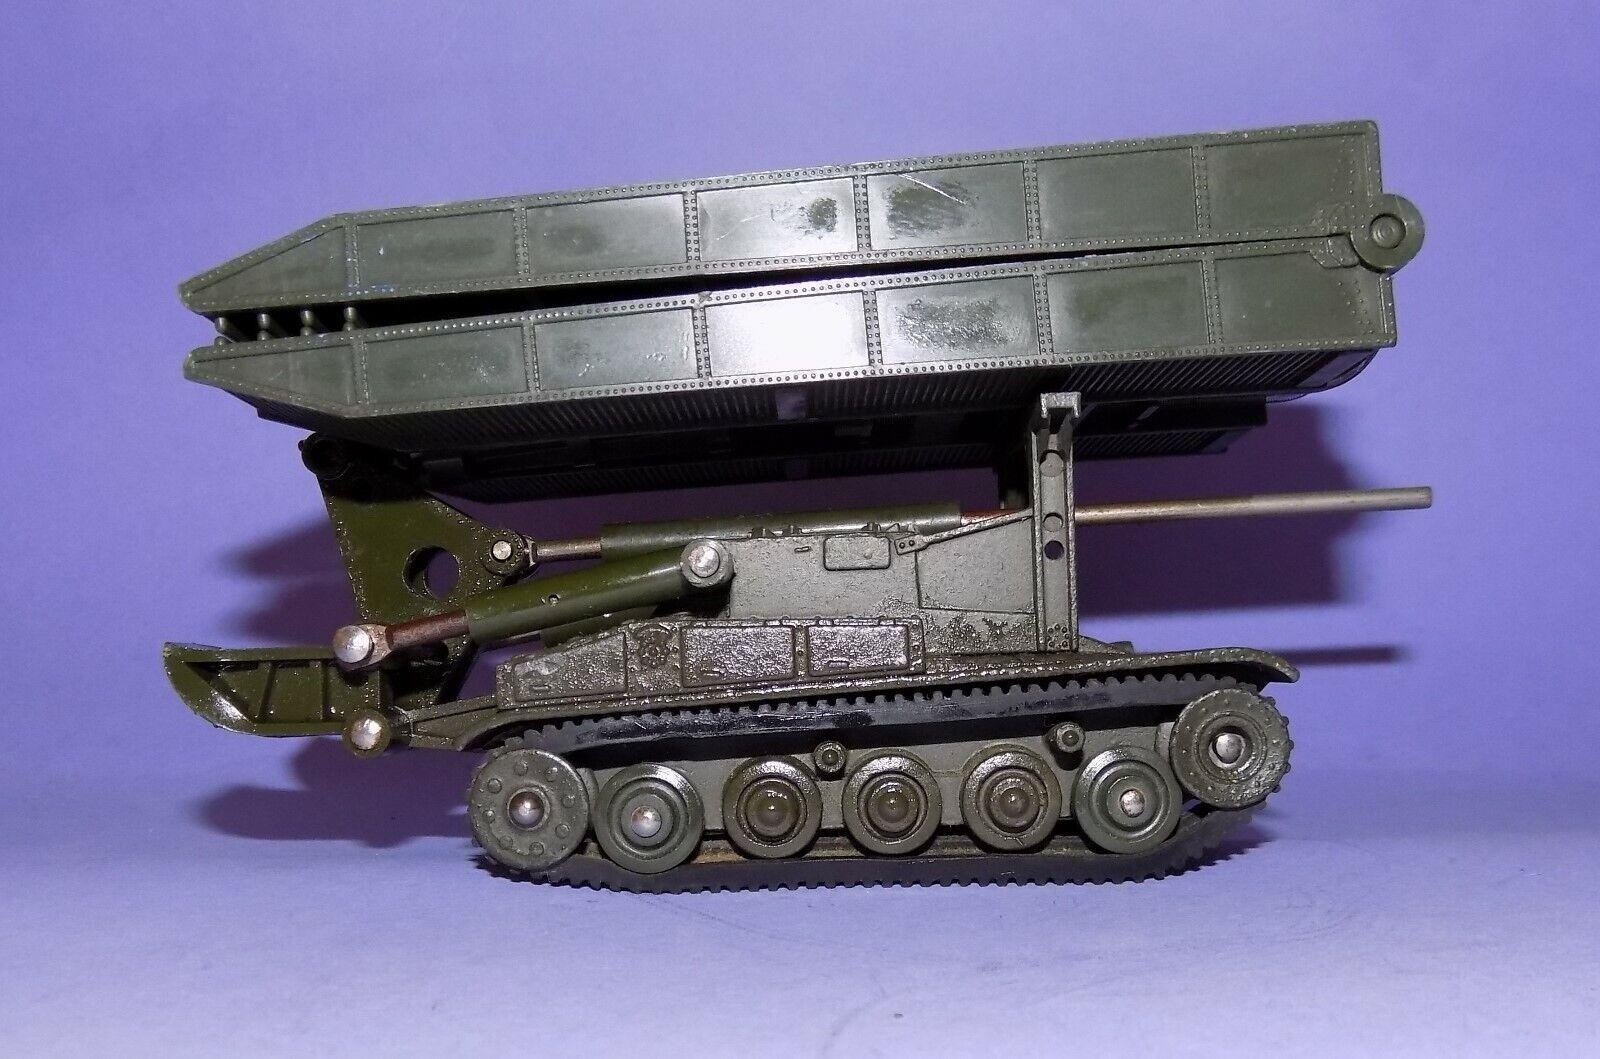 Très Rare Vintage 1964   French Dinky toys  No 833  CHAR AMX Bridge Layer   il y a plus de marques de produits de haute qualité